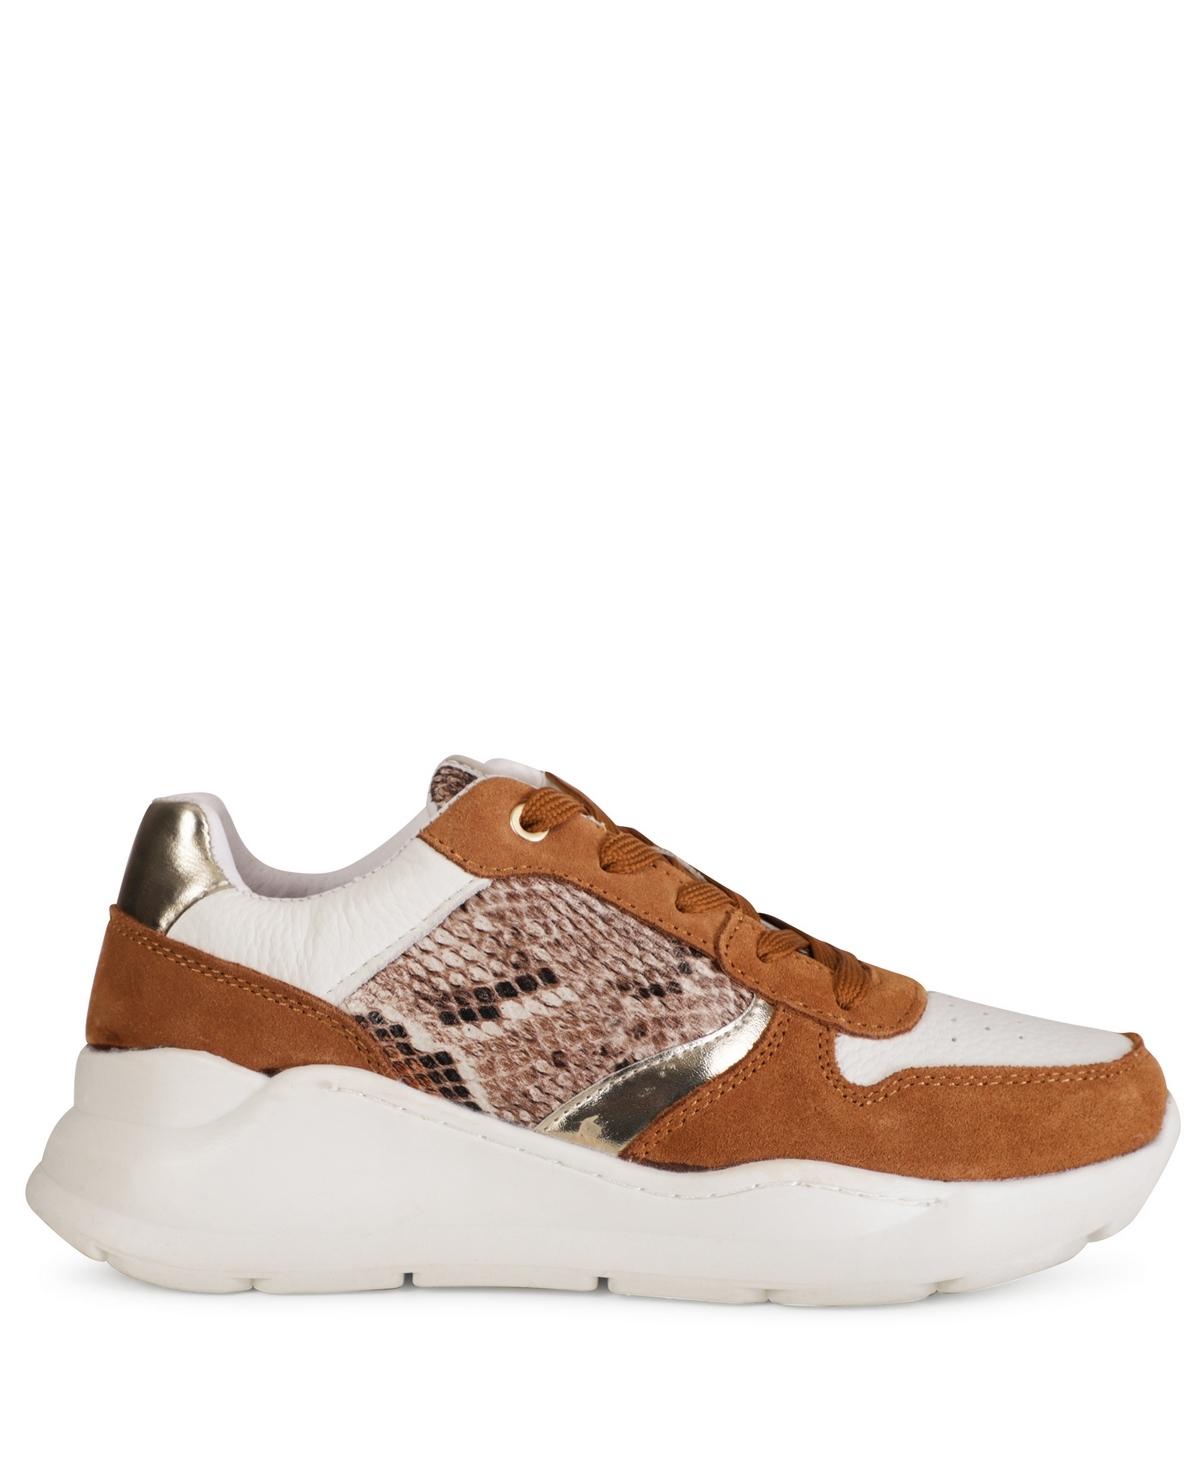 Shoecolate Sneaker Cognac 8.10.06.030